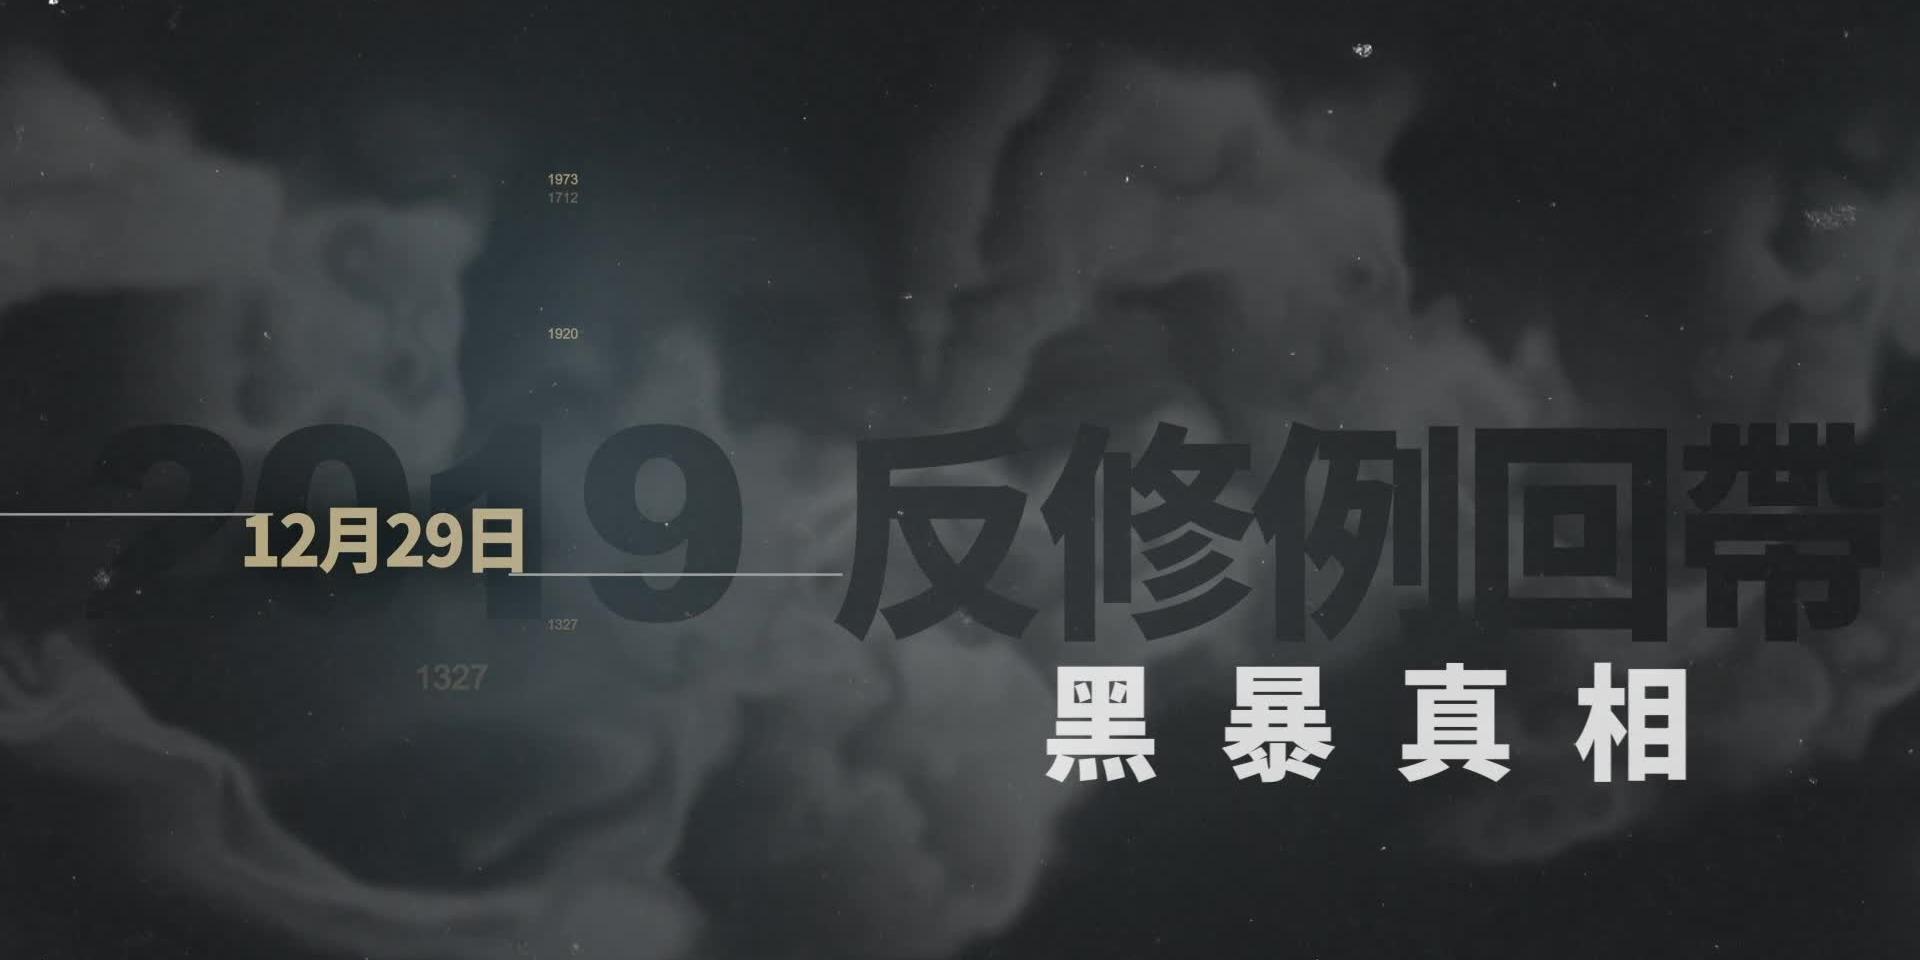 【反修例黑暴真相】EP50 英勇止暴 港警膺《环球人物》2019年度人物